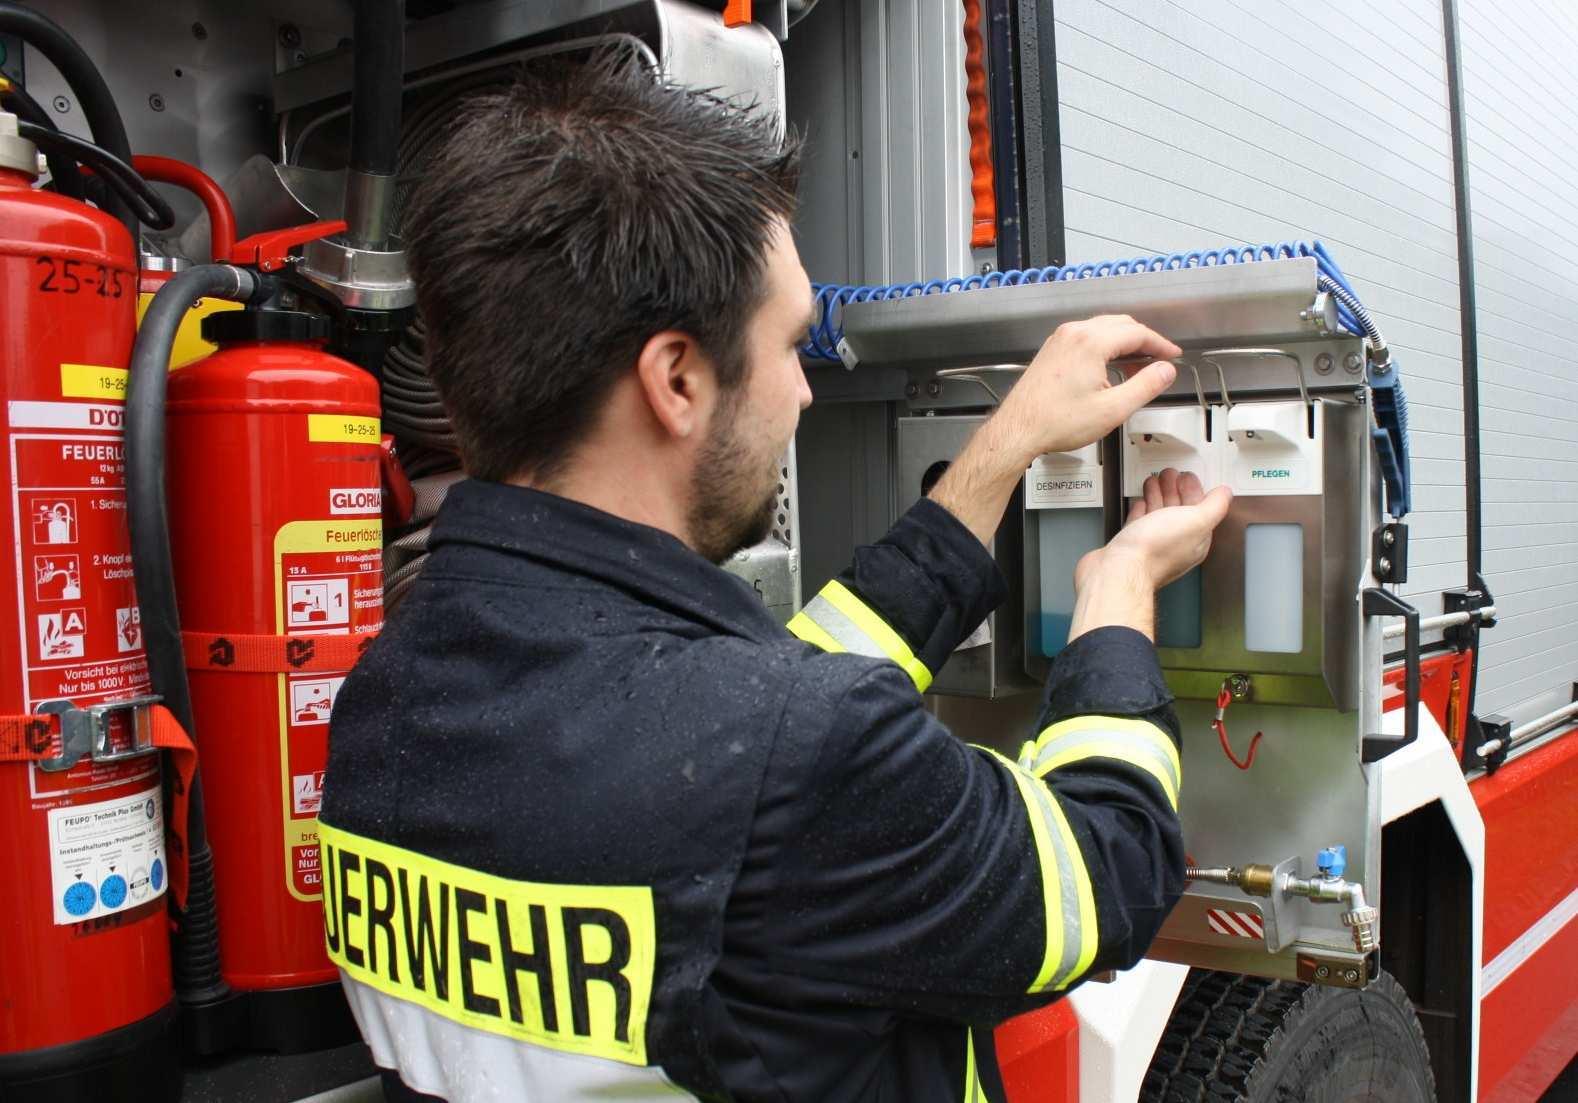 Schutz Vor Schmutz Im Feuerwehrdienst Sauber Ist Gesund Hfuk Nord Hanseatische Feuerwehr Unfallkasse Nord Hamburg Mecklenburg Vorpommern Und Schleswig Holstein